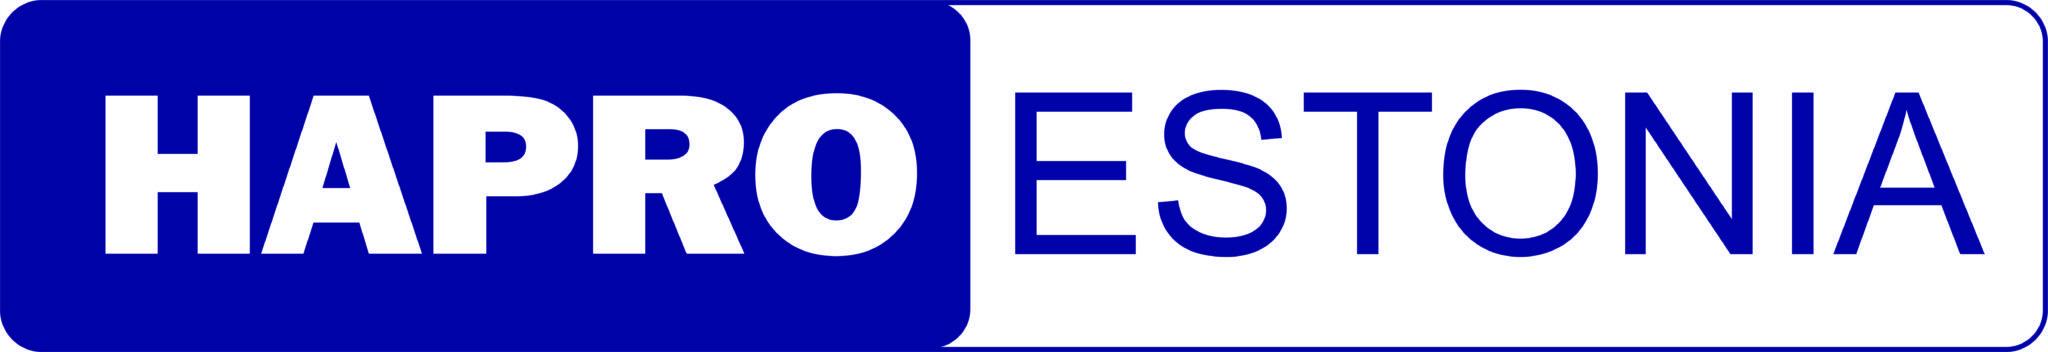 hapro-estonia-logo